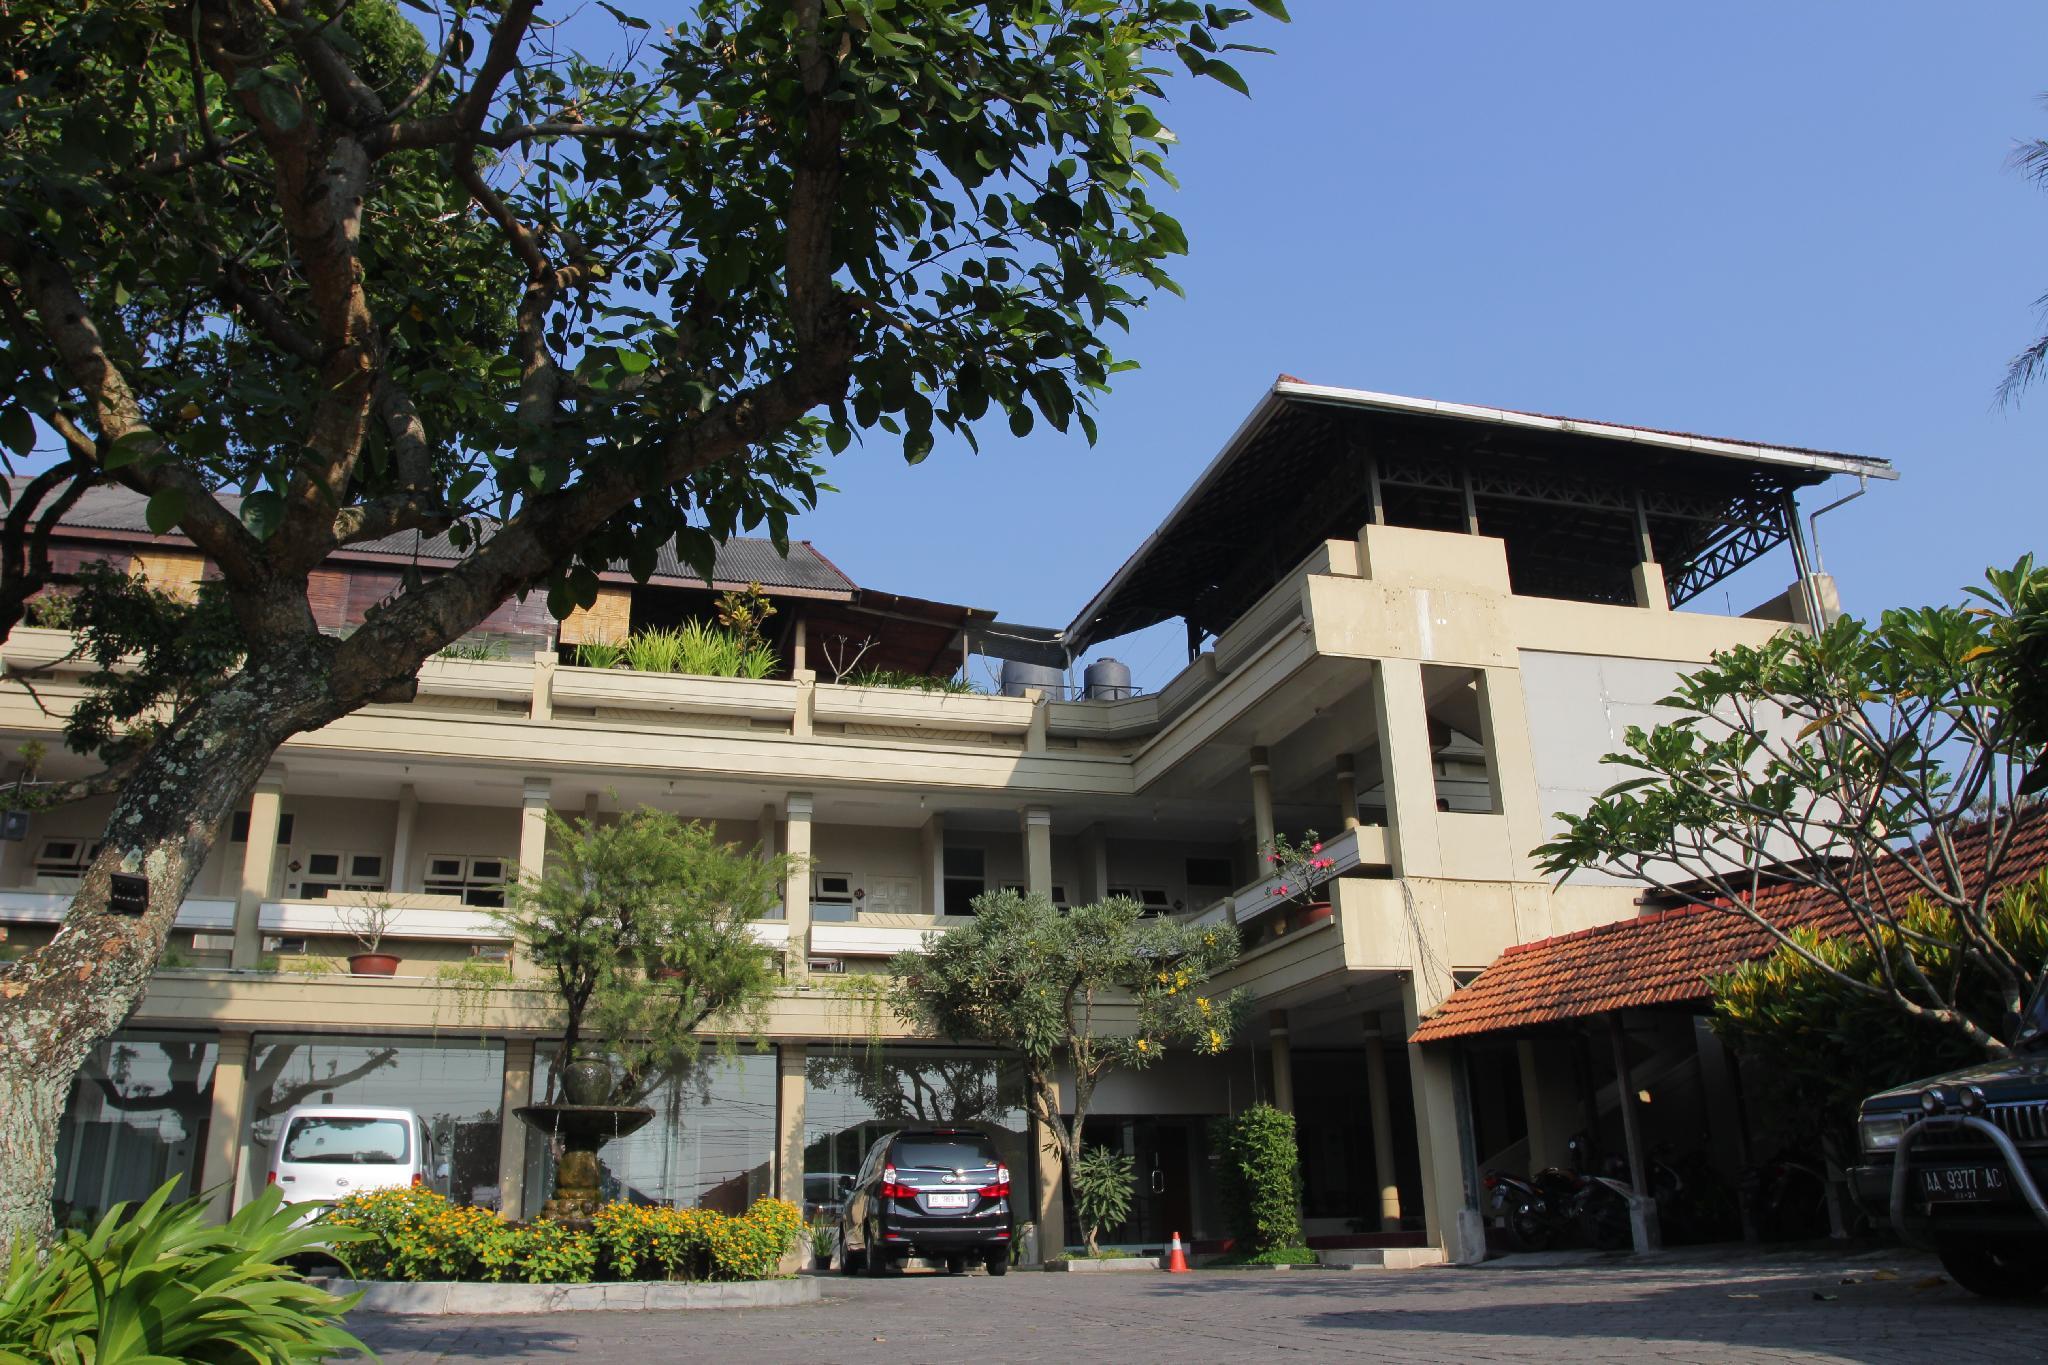 hotel sekitar akademi militer akademi militer mertoyudan rh hotelsekitar com